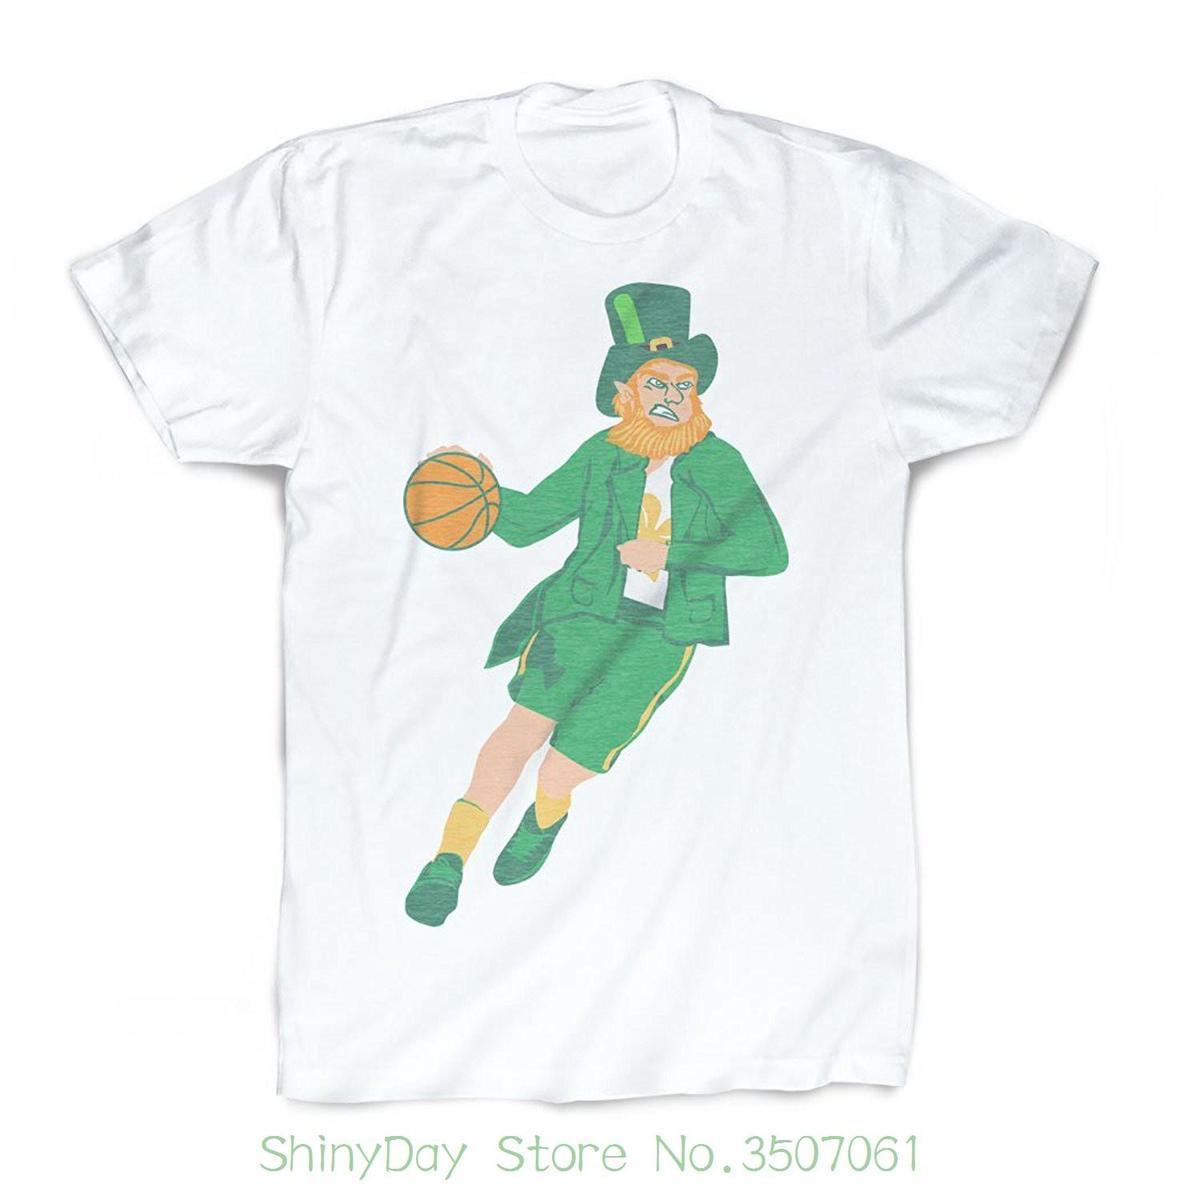 Grosshandel Tshirt Brand 2018 Mannlich Kurzarm Leprechaun T Shirt